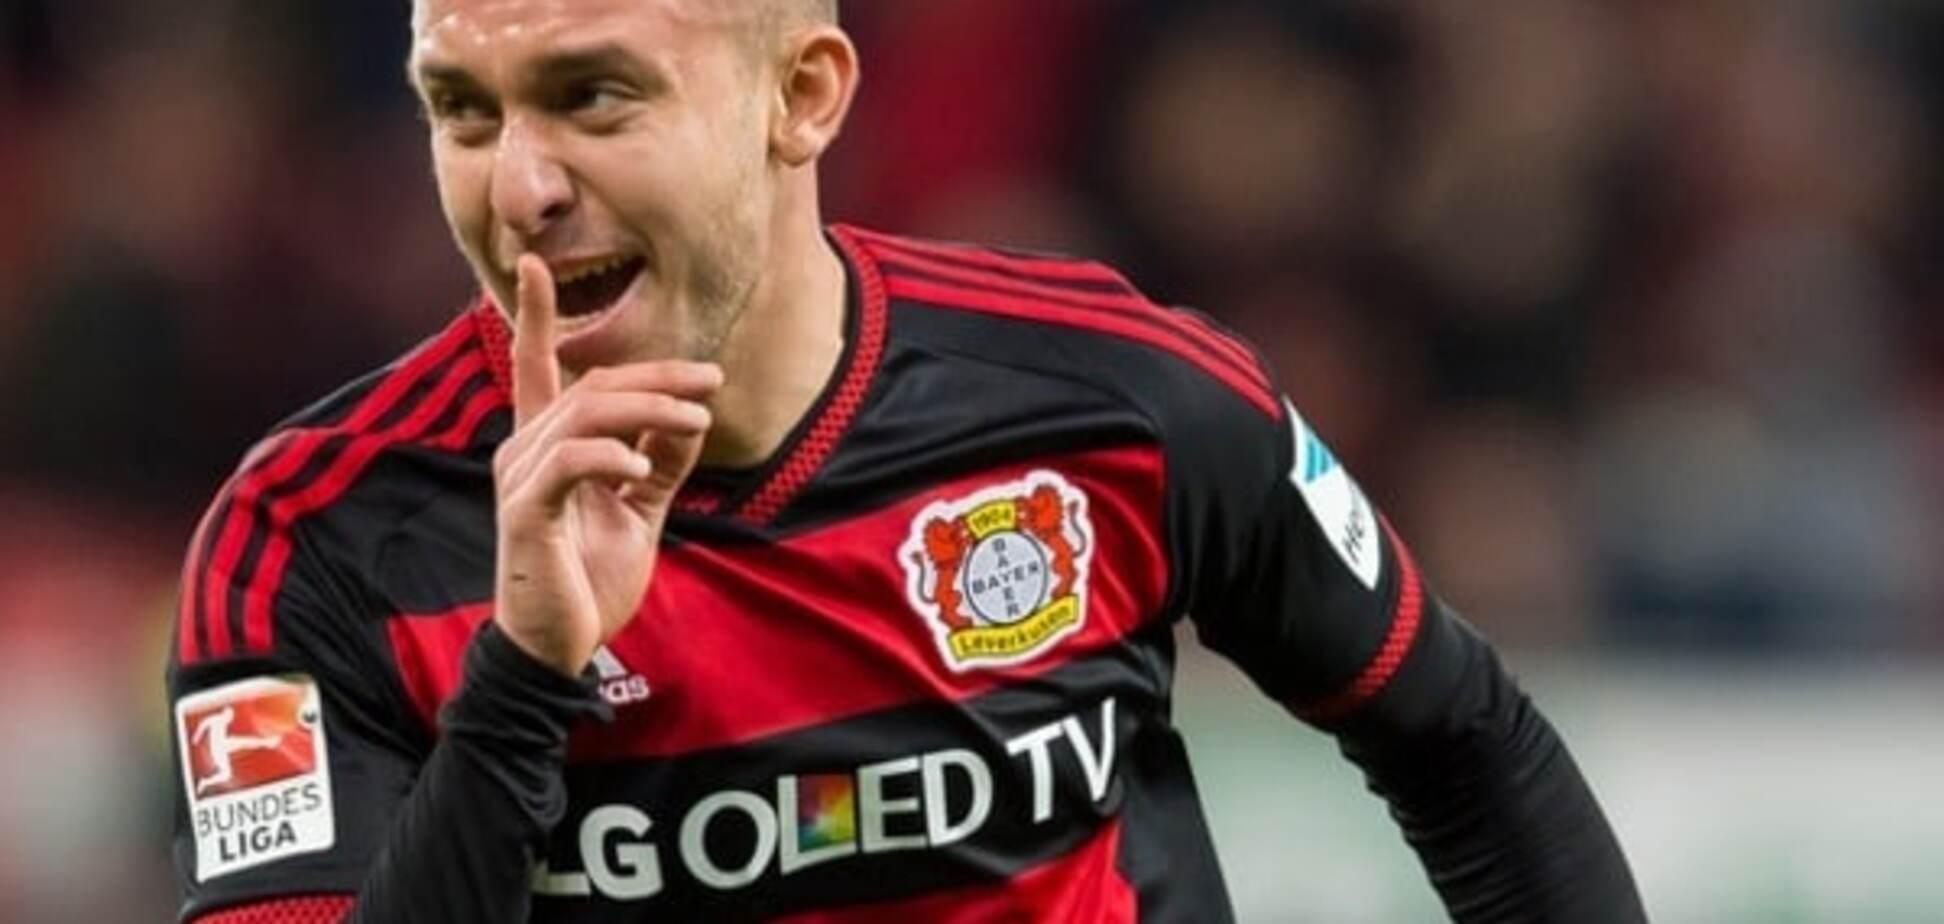 Футболіст збірної України забив розкішний гол за німецький клуб: відео шедевра